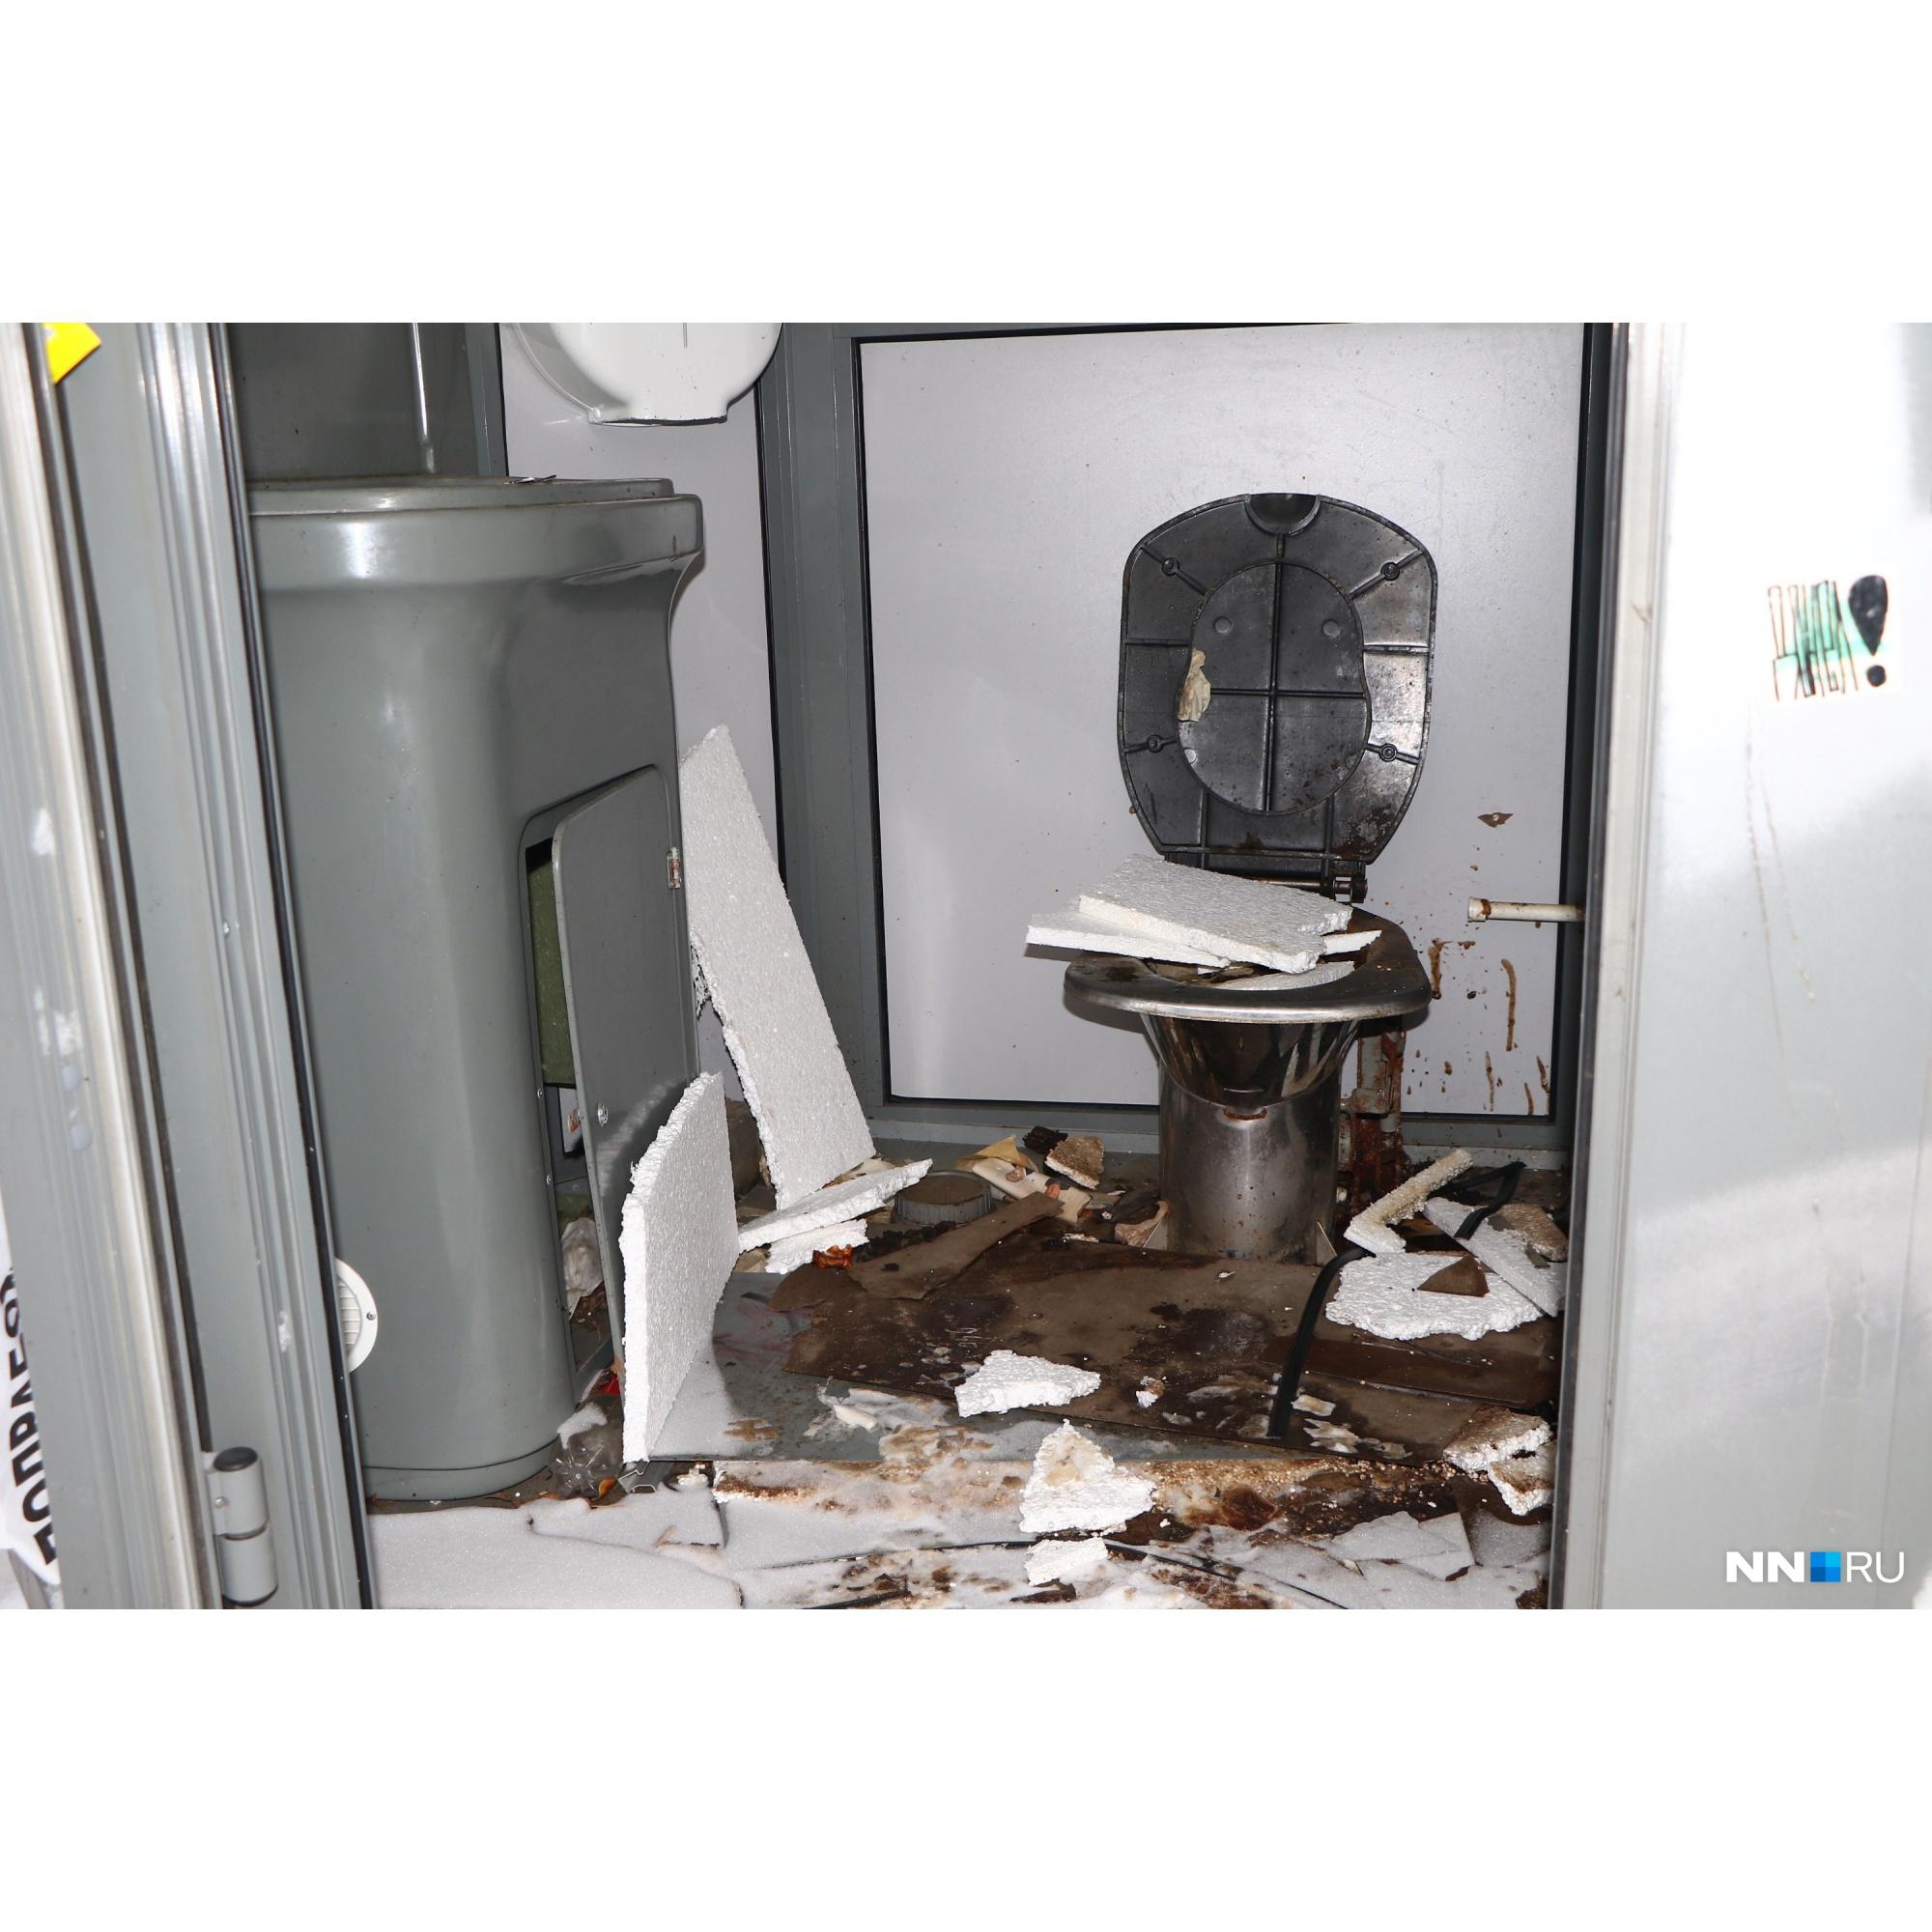 5 лет назад в Нижнем Новгороде поставили бесплатные туалеты, а три года назад их разгромили и в итоге демонтировали